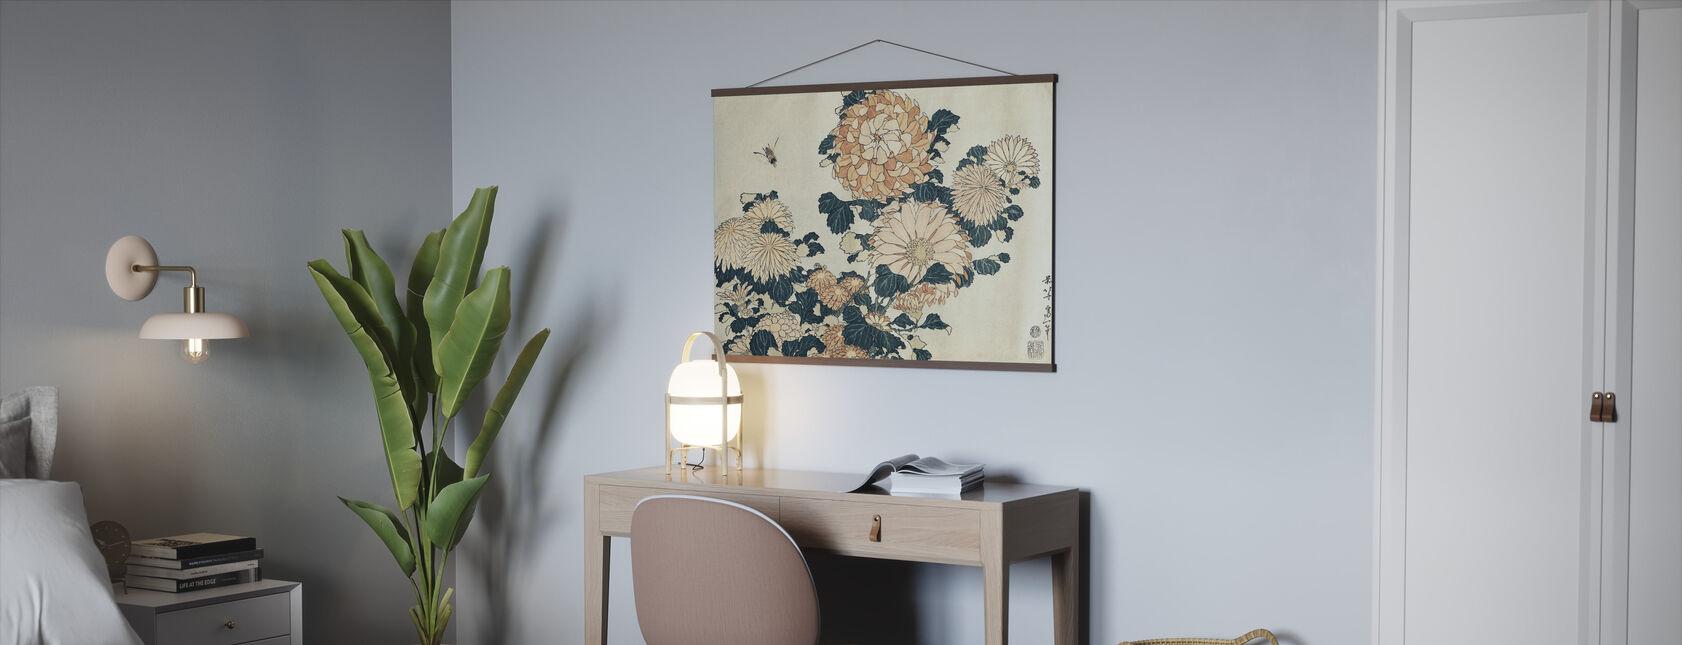 Krysantemum, Katsushika Hokusai - Poster - Kontor